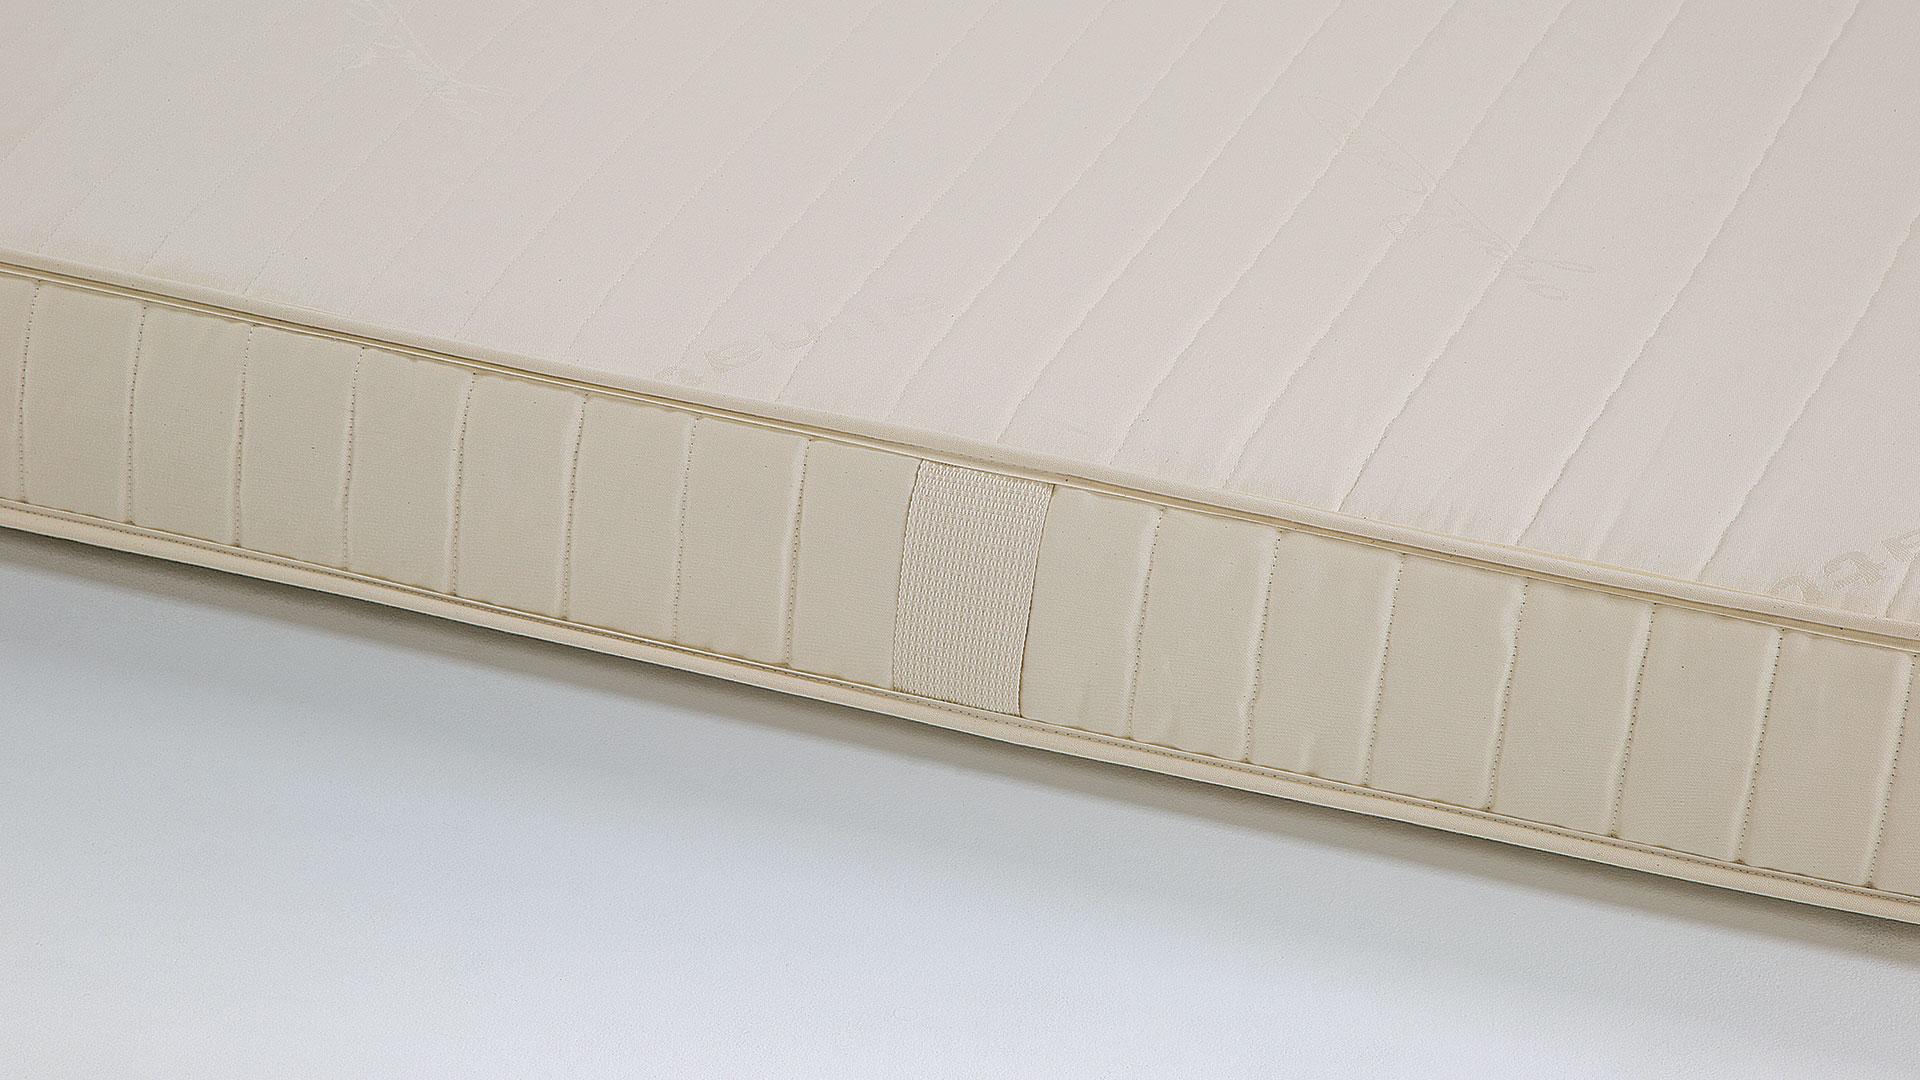 matratze wenden libelle bico matratze wenden warum wie oft unsere tipps tricks wie lange. Black Bedroom Furniture Sets. Home Design Ideas